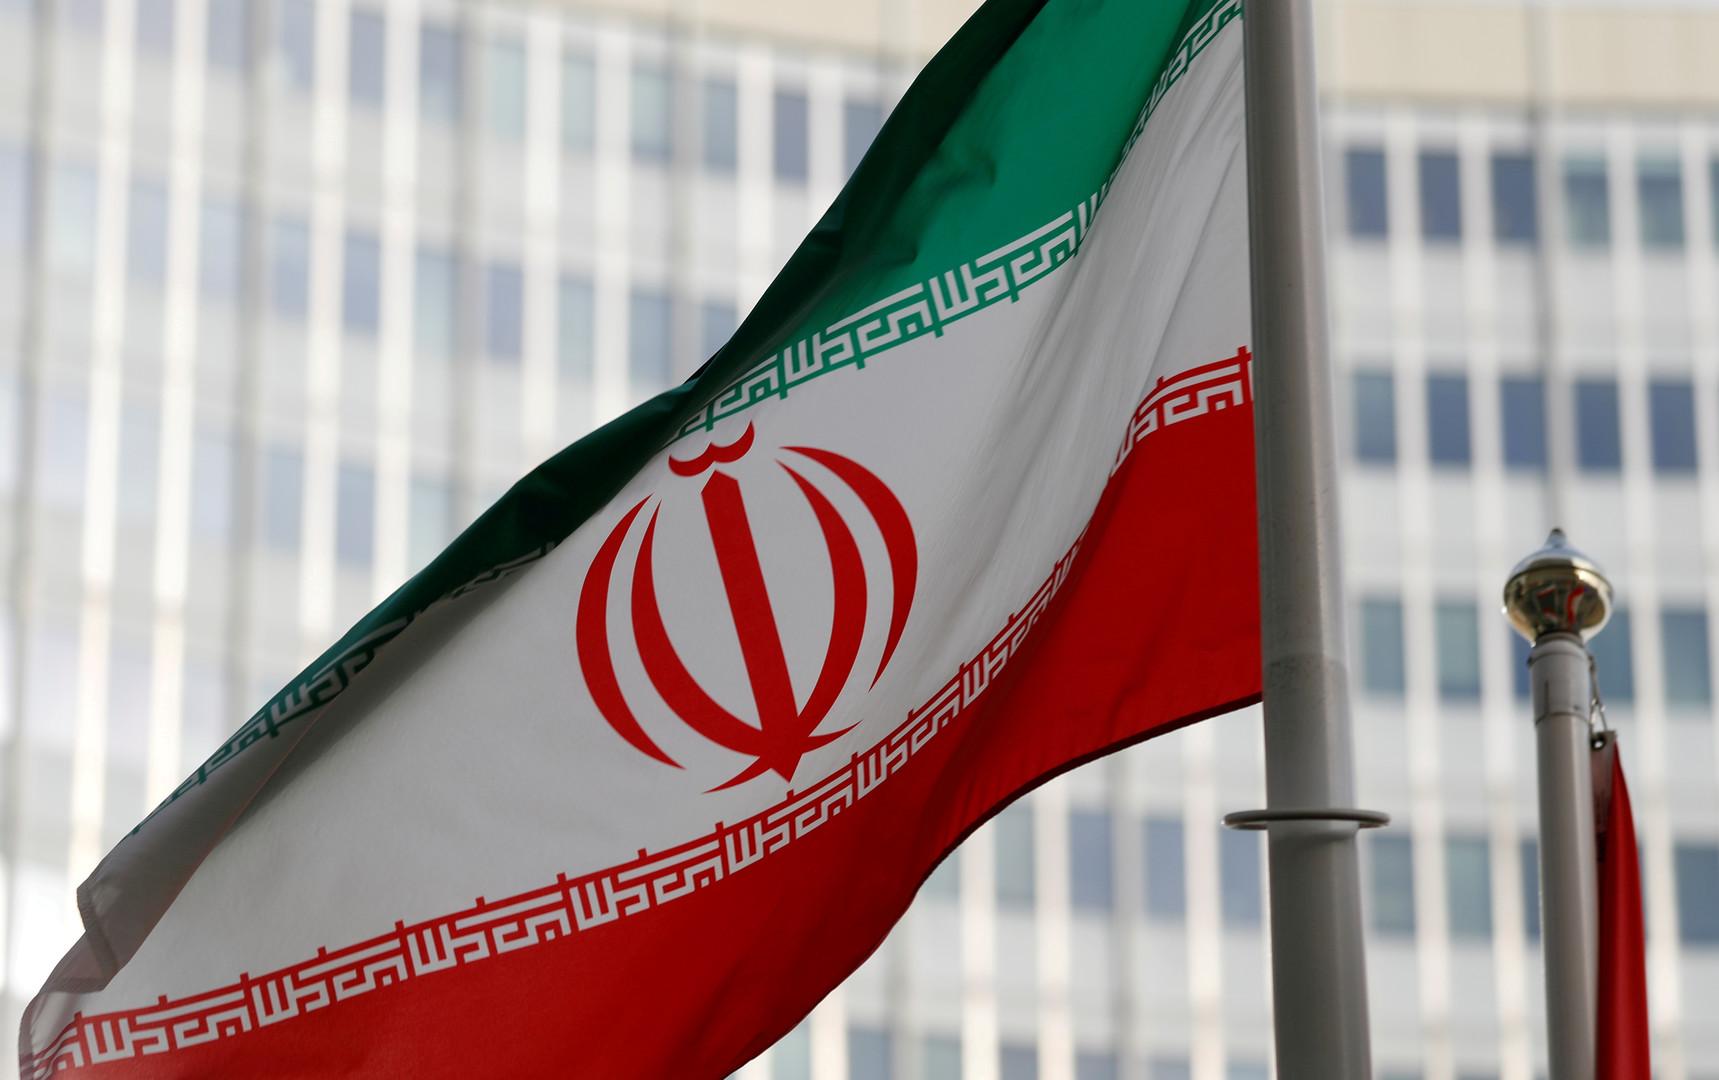 الاتحاد الأوروبي: اجتماع حول الملف النووي الإيراني في فيينا يوم 28 يونيو